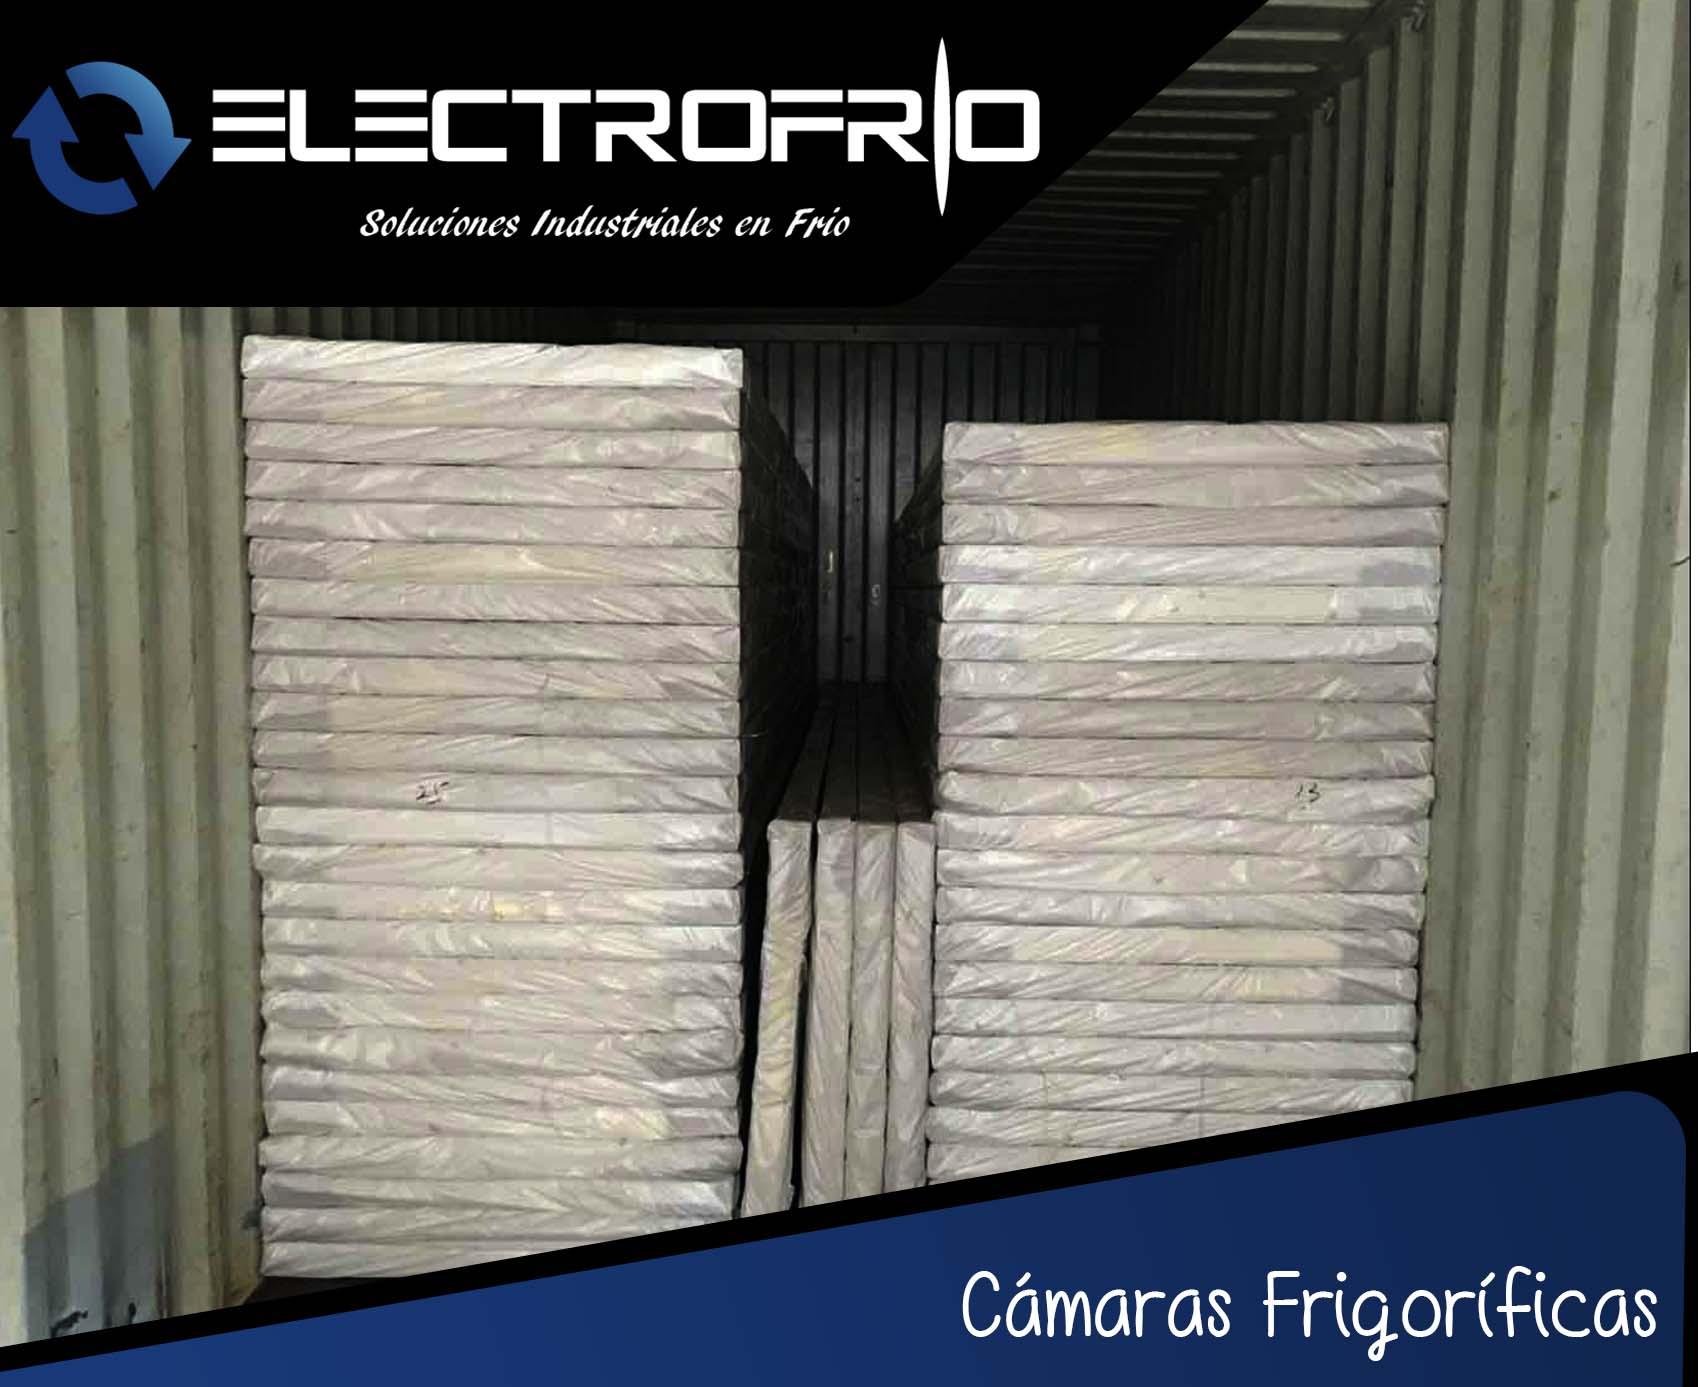 Paneles y accesorios para c maras frigor ficas electrofr o - Paneles de poliuretano ...